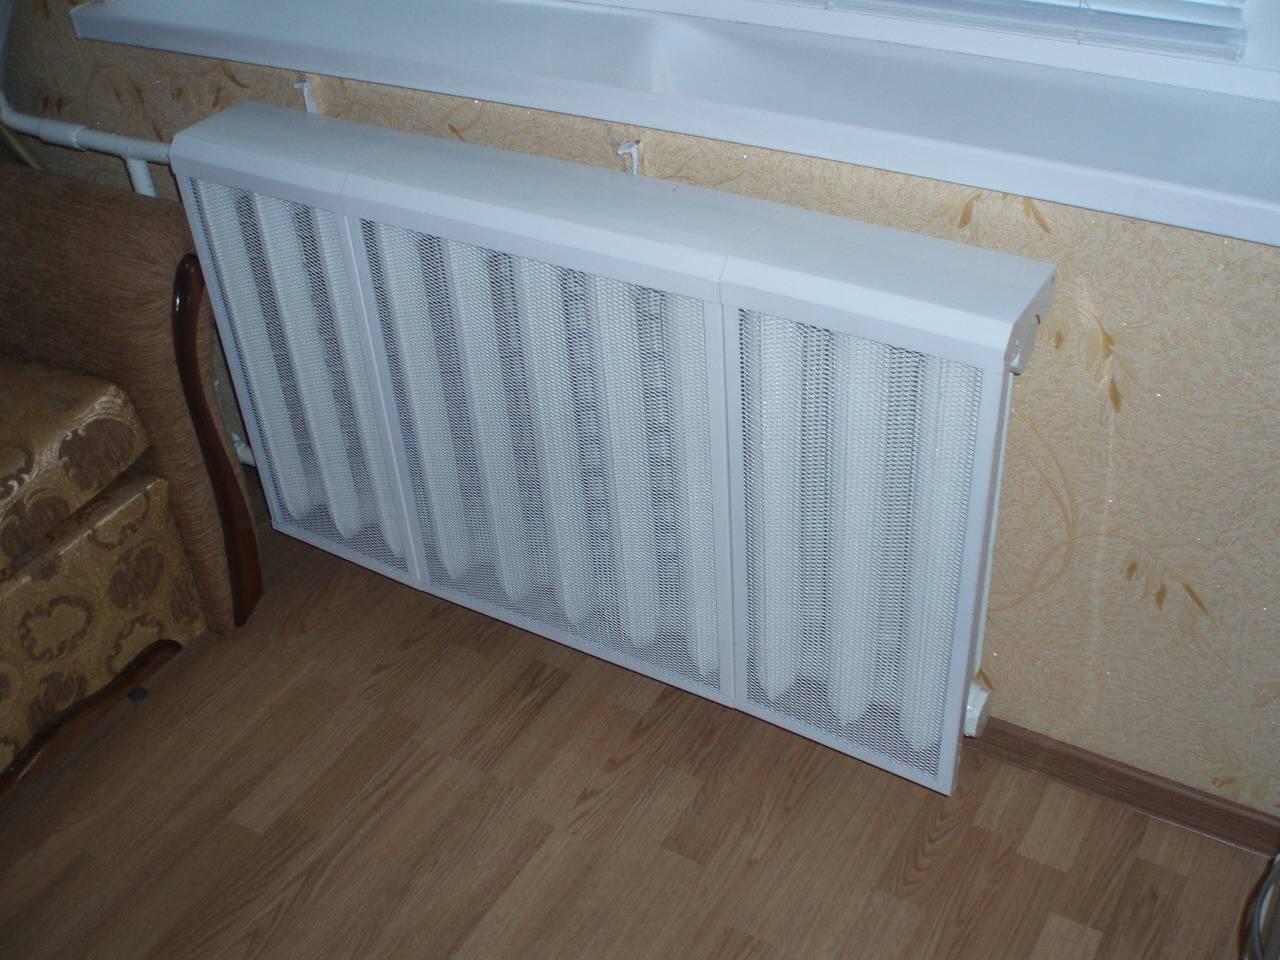 Экран-решетка для батареи отопления: пластиковые навесные защитные панели пвх на радиаторы, размеры вентиляционных отверстий, фото